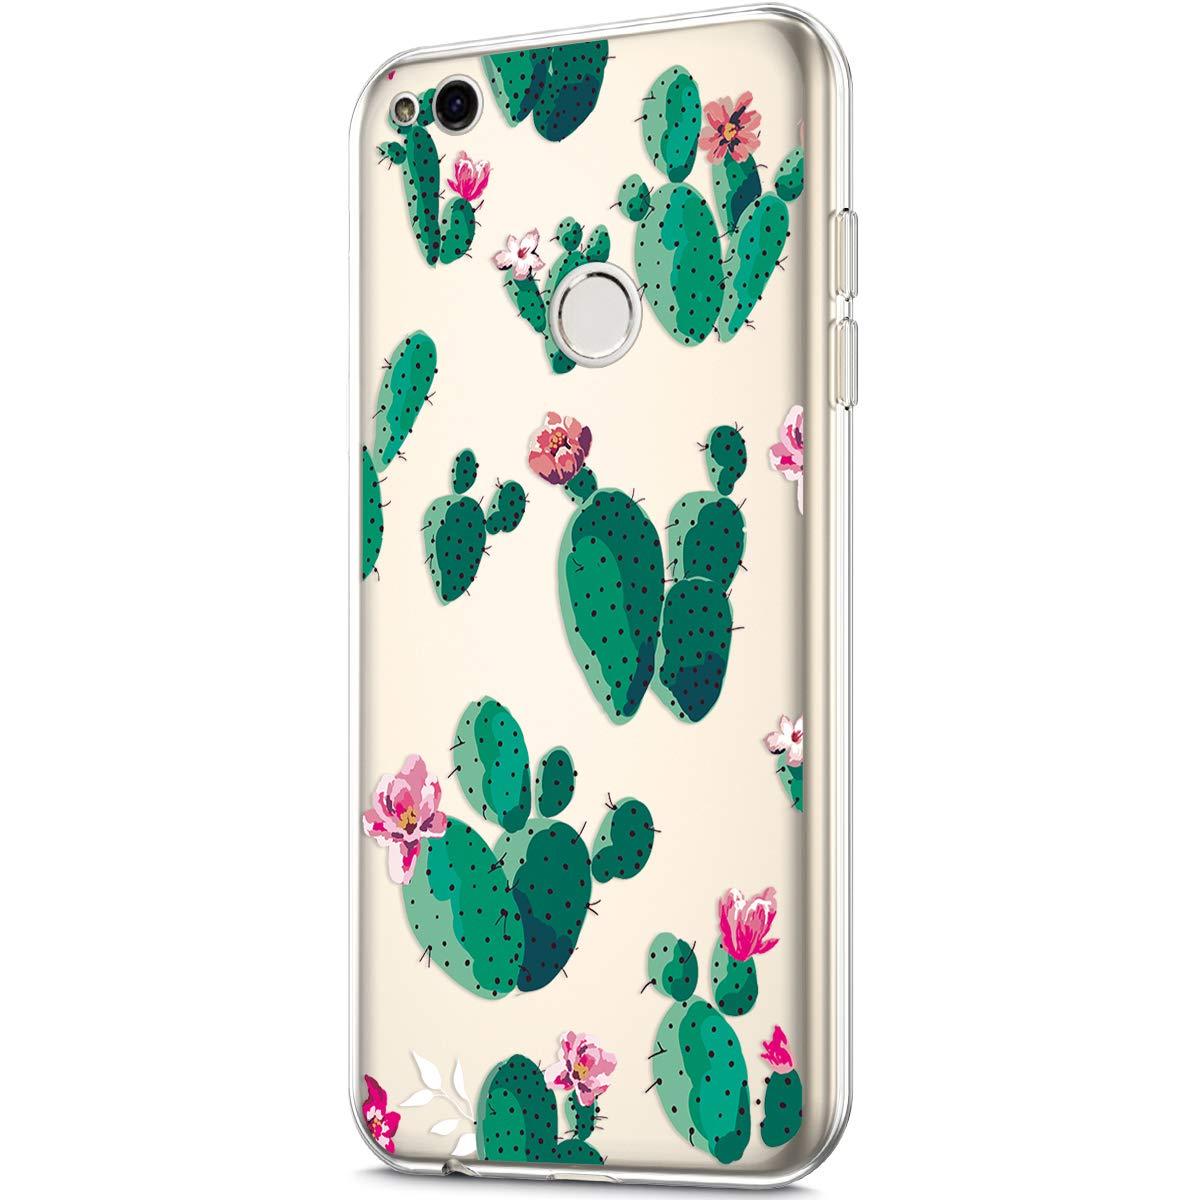 Felfy Kompatibel mit Huawei P8 Lite 2017 H/ülle,Kompatibel mit Huawei P8 Lite 2017 Handyh/ülle Transparent Silikon Schutzh/ülle Elegant Muster D/ünn Weich Klar Silikonh/ülle Sto/ßfest Schlank Cover Case